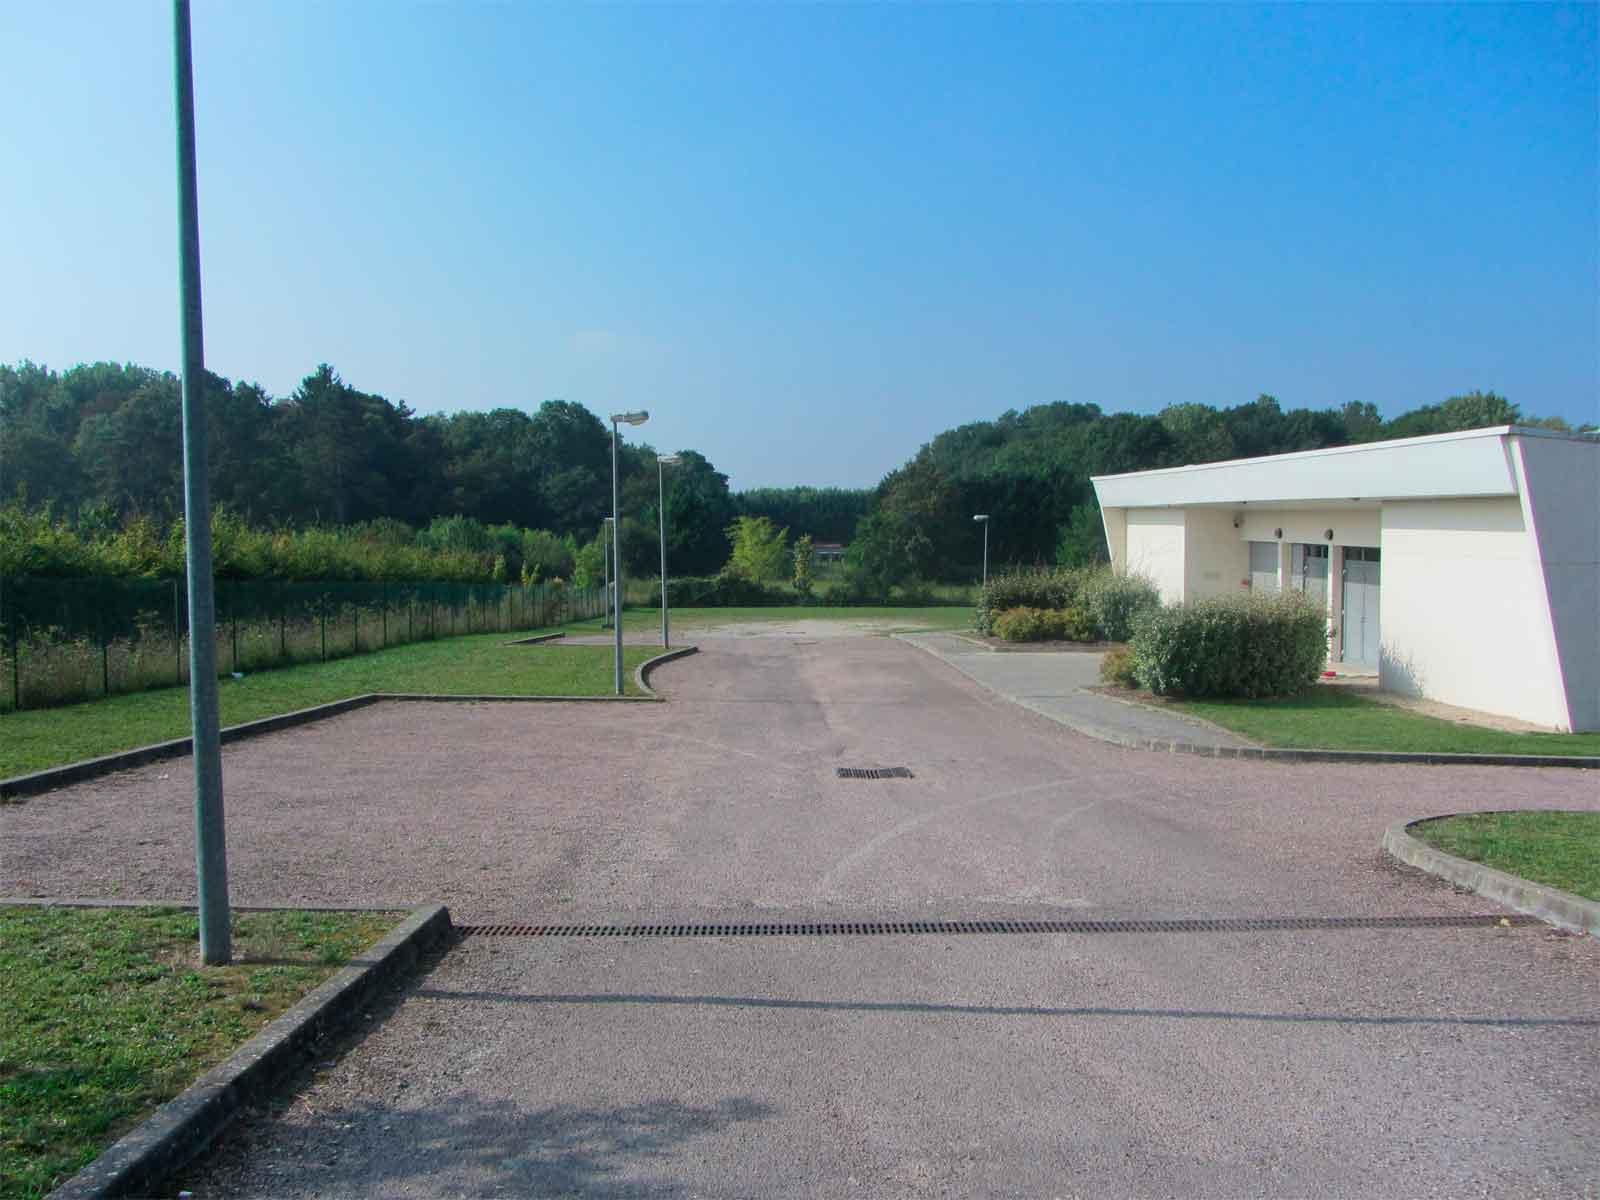 La salle des champs blancs ville de joigny for Piscine de joigny